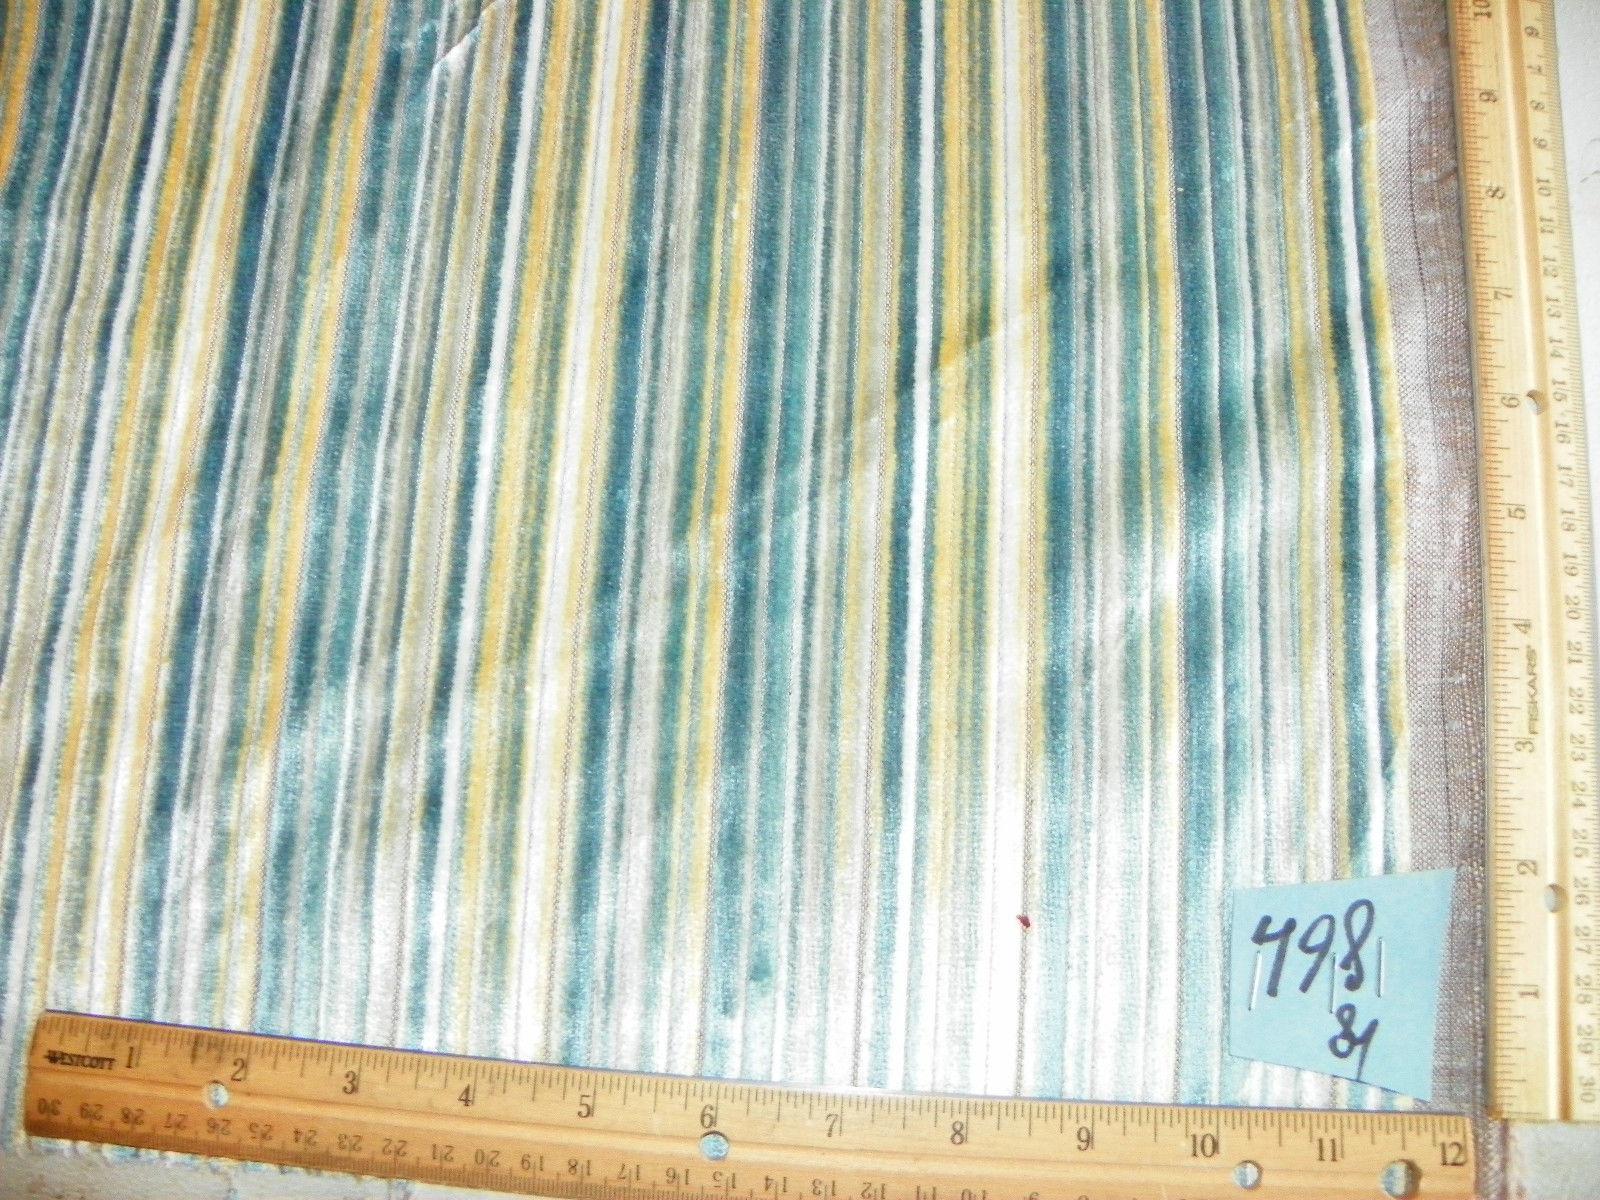 Blue Gold Stripe Velvet Fabric / Upholstery Fabric  1 Yard  R498